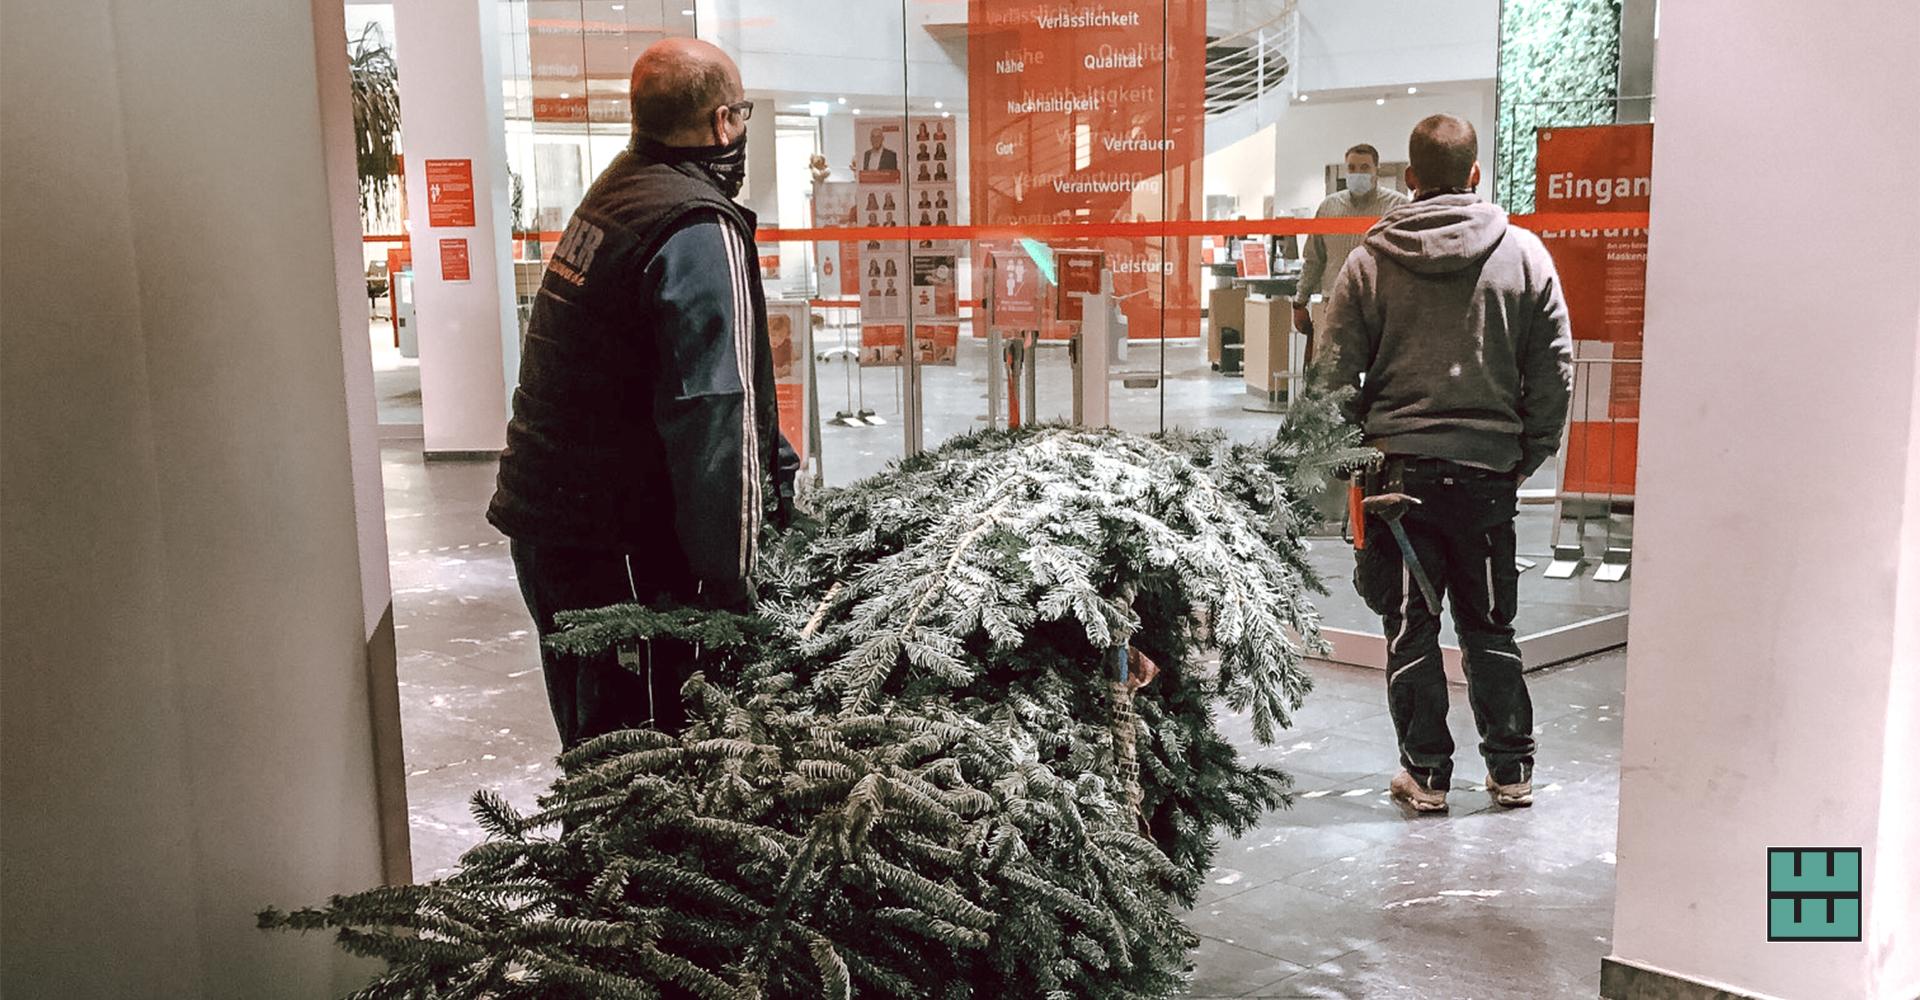 Auchin diesem Jahr wurde unsere Weihnachtszeit mit dem Aufstellen und Schmücken der Weihnachtsbäume für die Sparkasse Hildesheim-Goslar-Peine eingeläutet.